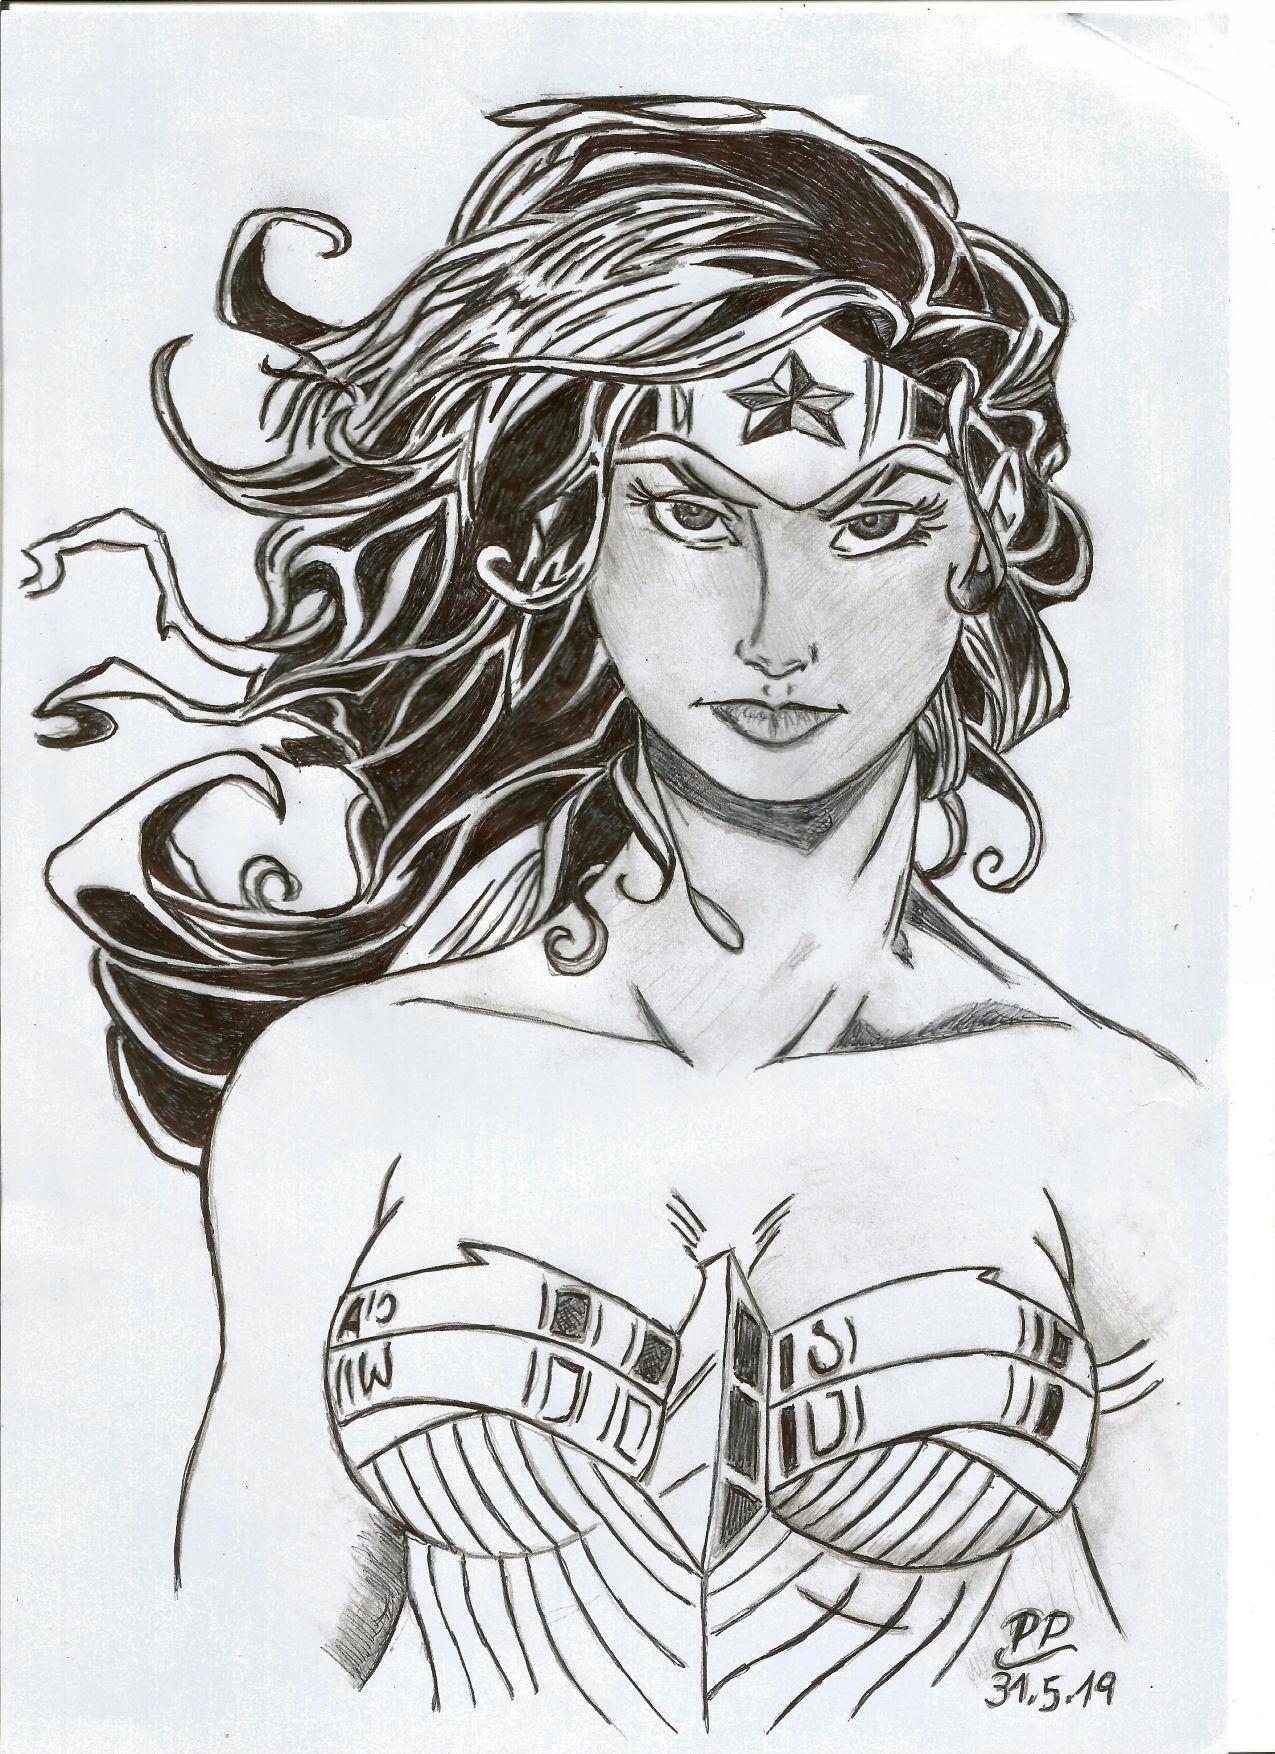 Dessin Wonder Woman de Patoux